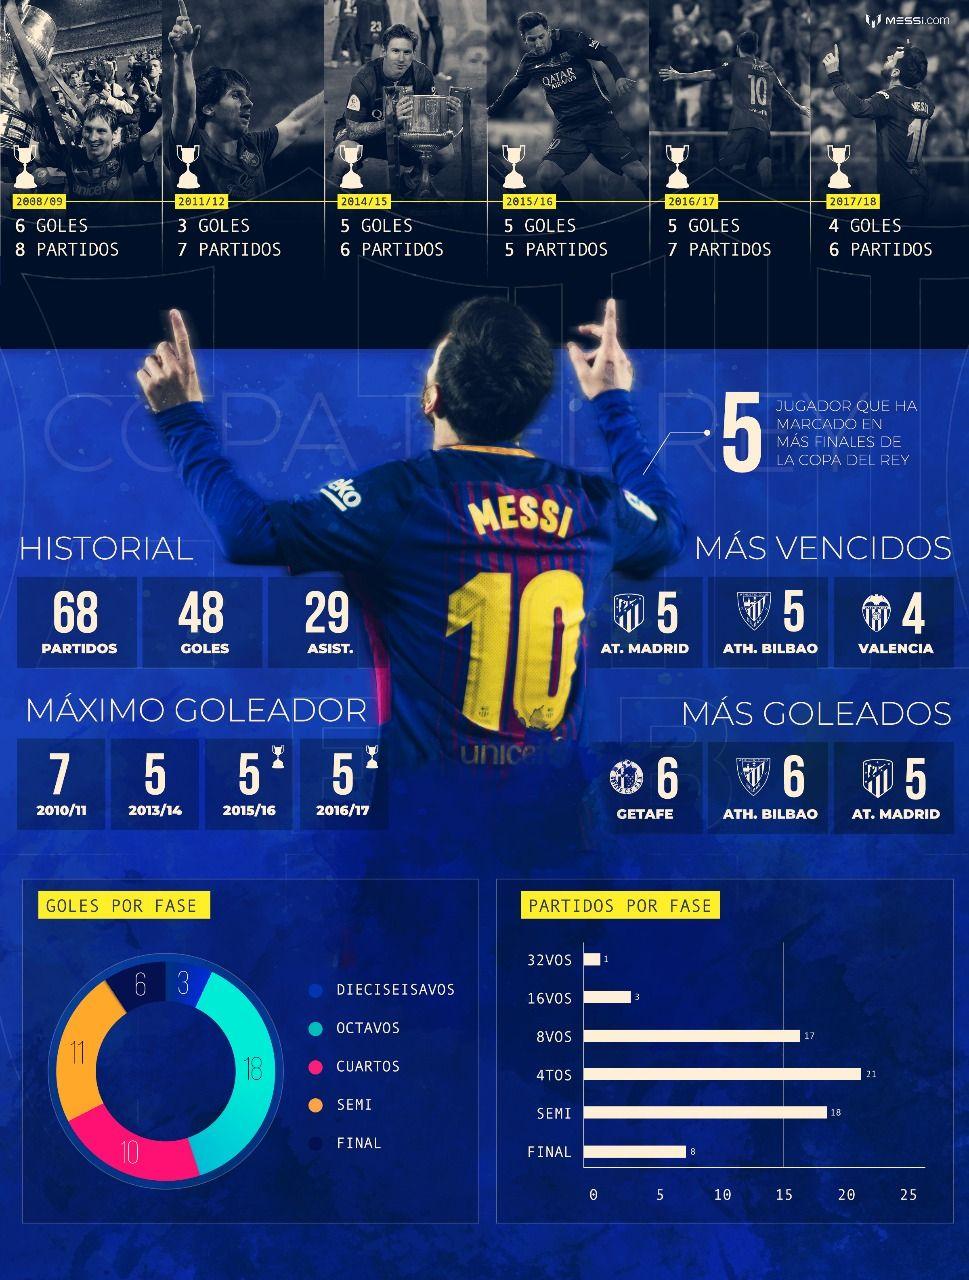 La nueva marca que rompió Lionel Messi en el triunfo del Barcelona